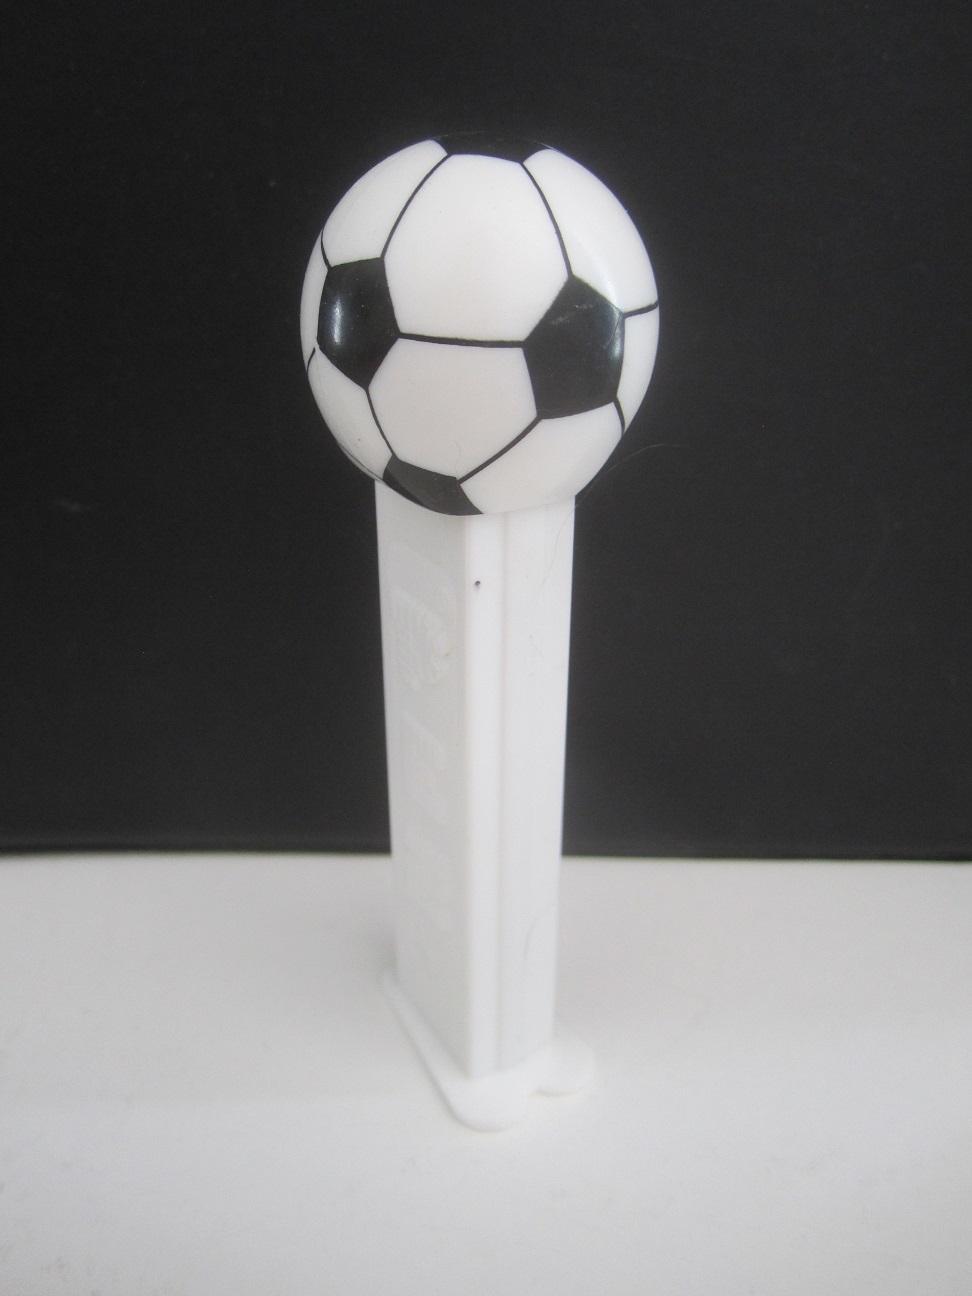 soccerballwhite.jpg